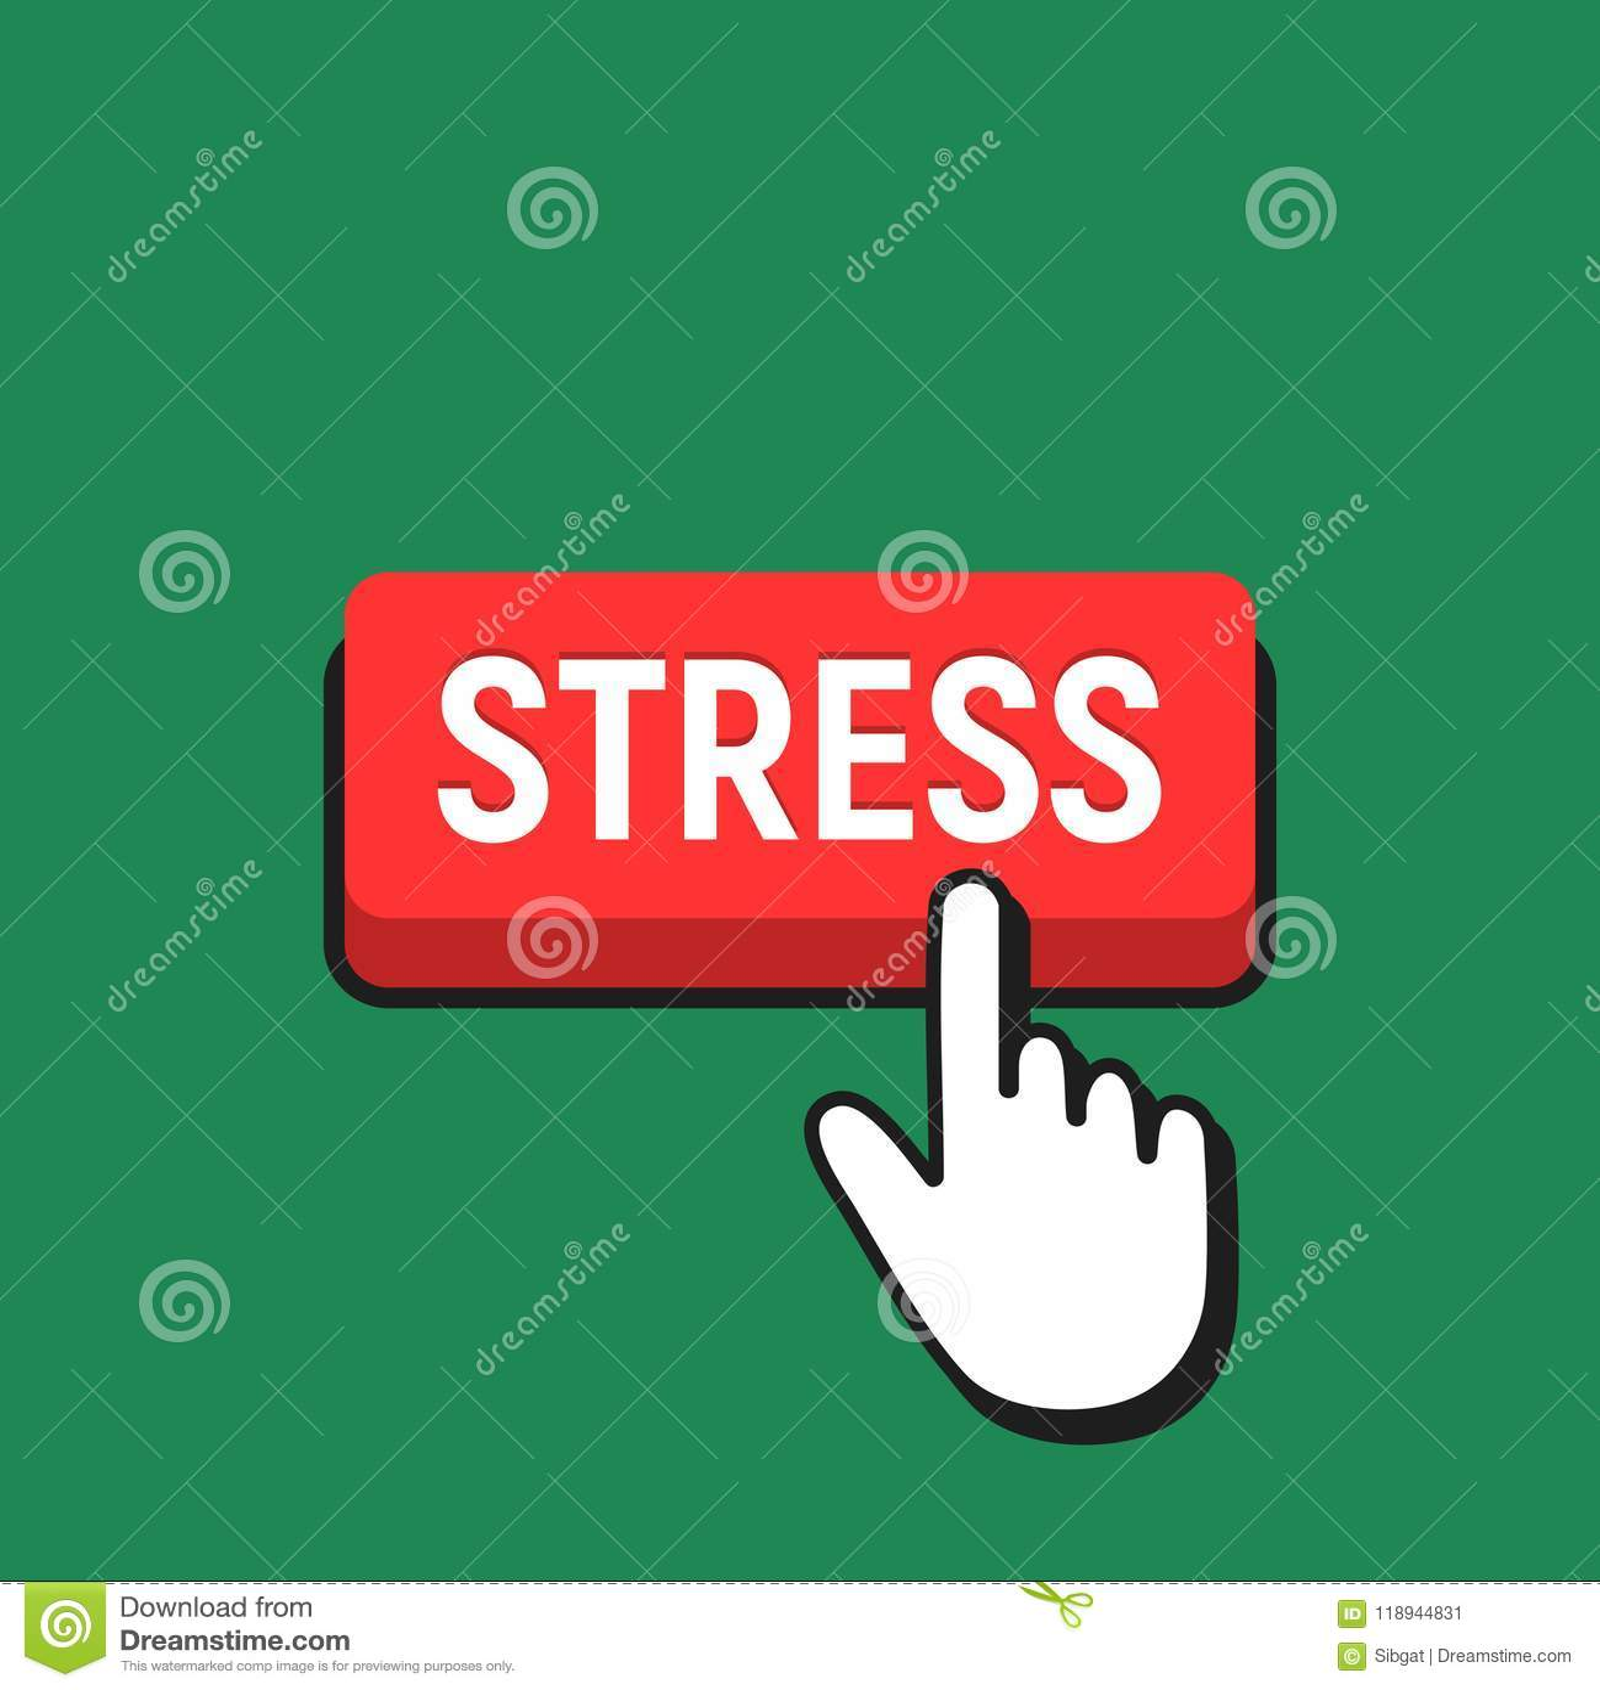 Hand mouse cursor clicks the stress button stock vector download hand mouse cursor clicks the stress button stock vector illustration of template maxwellsz